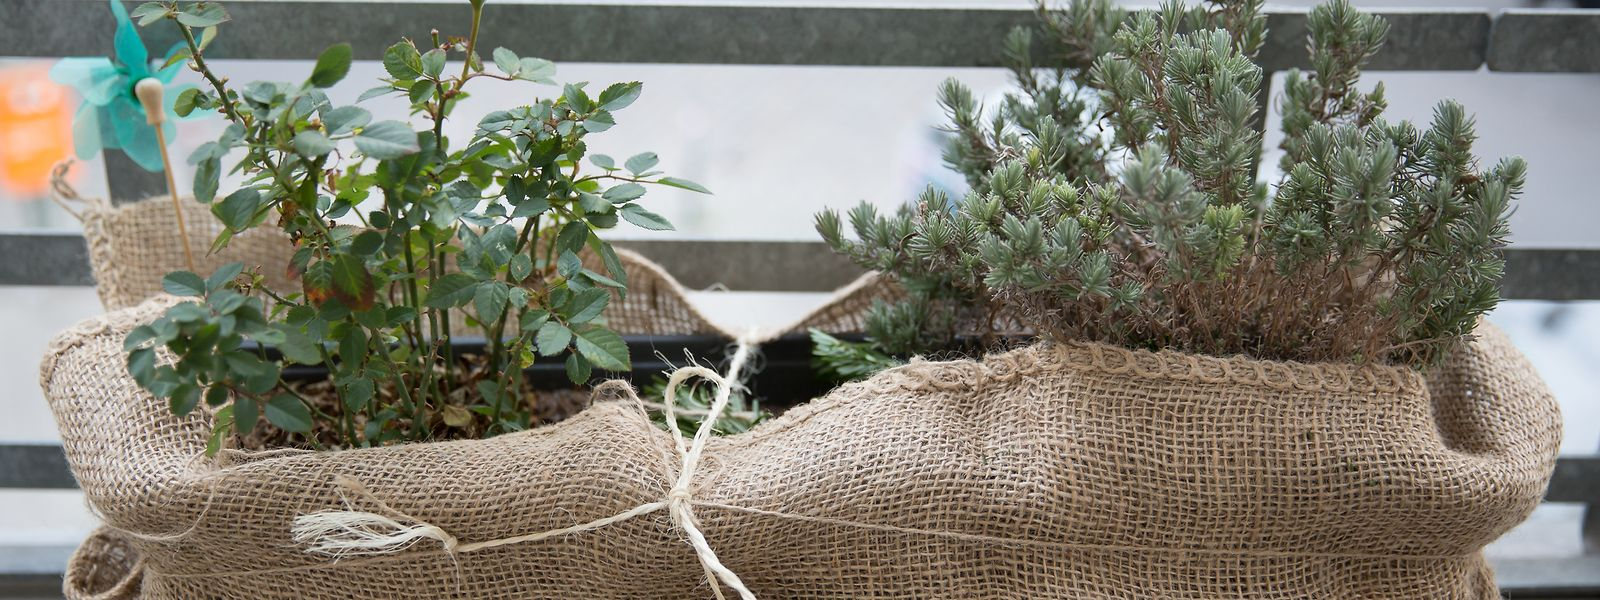 Eingepackt durch denWinter:Viele Pflanzen auf der Terrasse sollten Hobbygärtner in der kalten Jahreszeit nicht sich selbst überlassen.